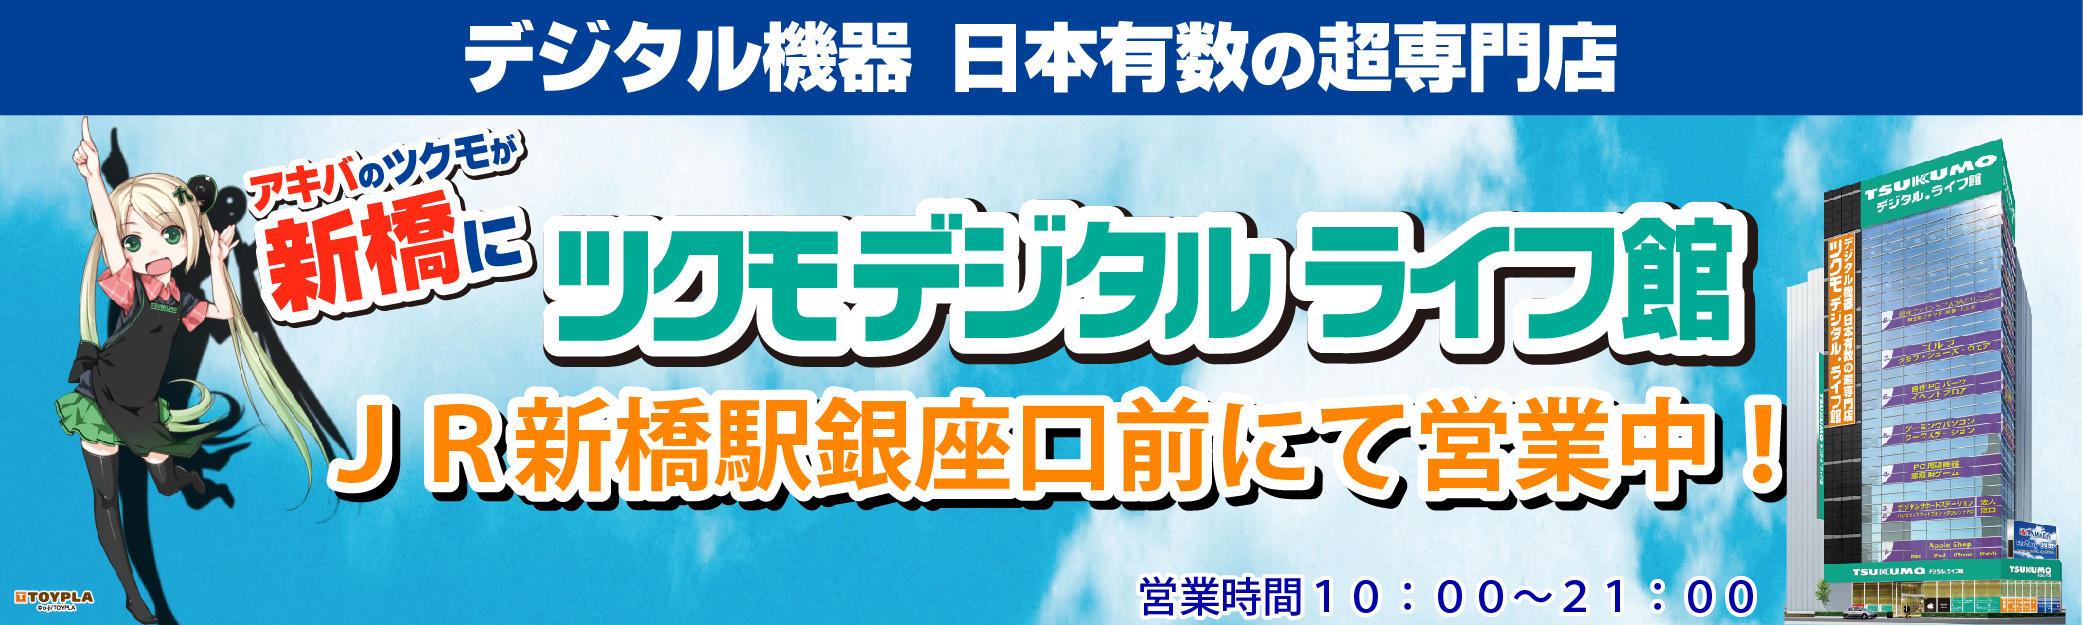 shimbashi_hedder.jpg